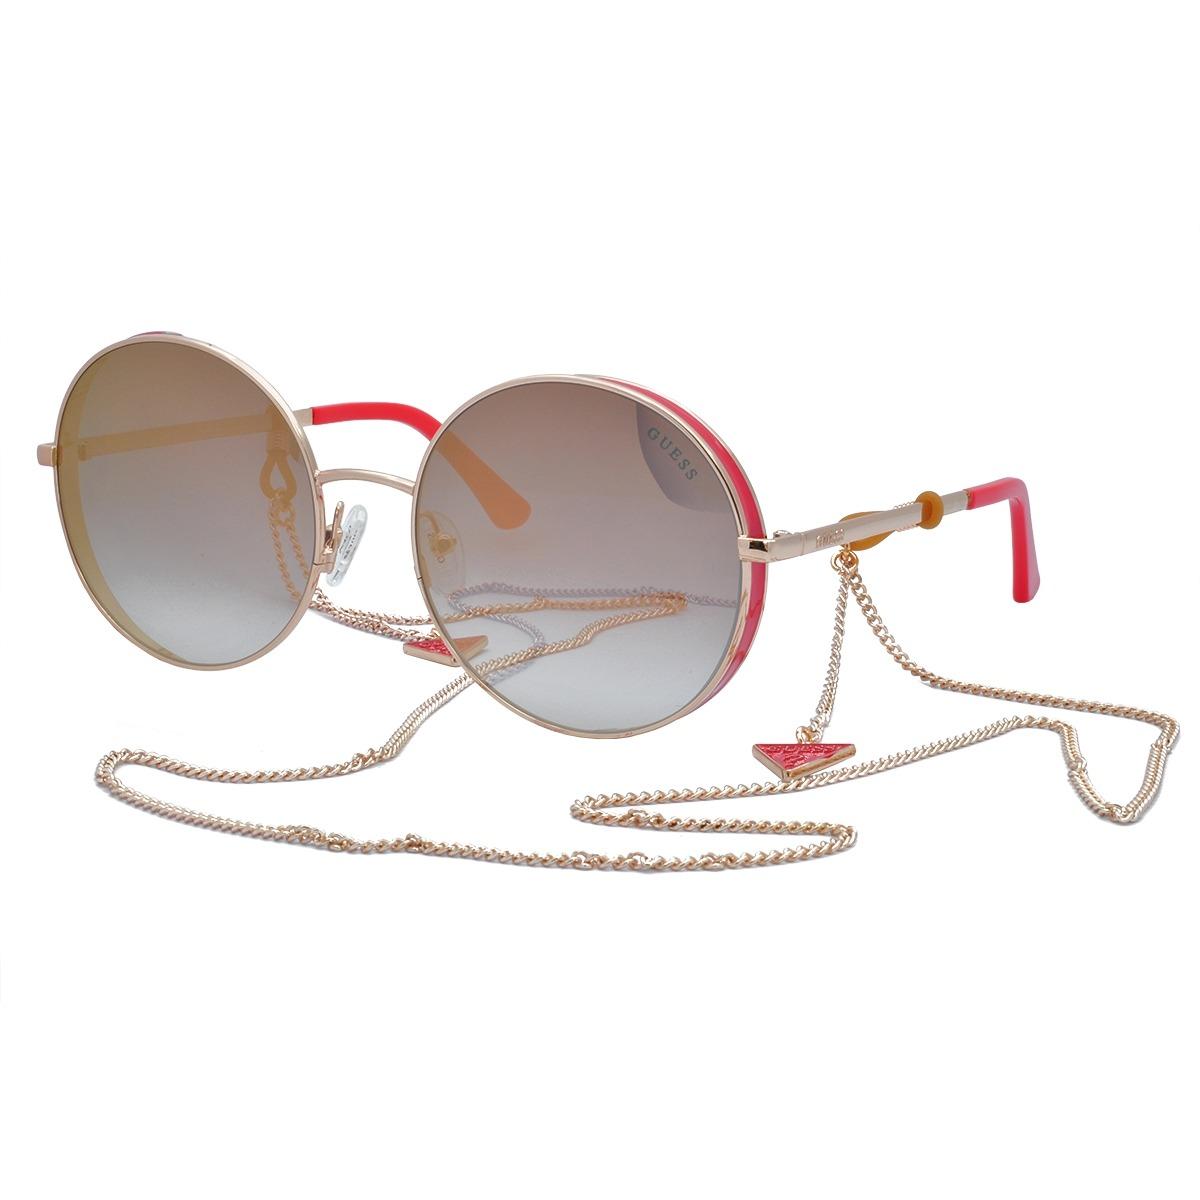 68d8b7a131e1a óculos de sol guess original feminino com corrente gu7606 28. Carregando  zoom.